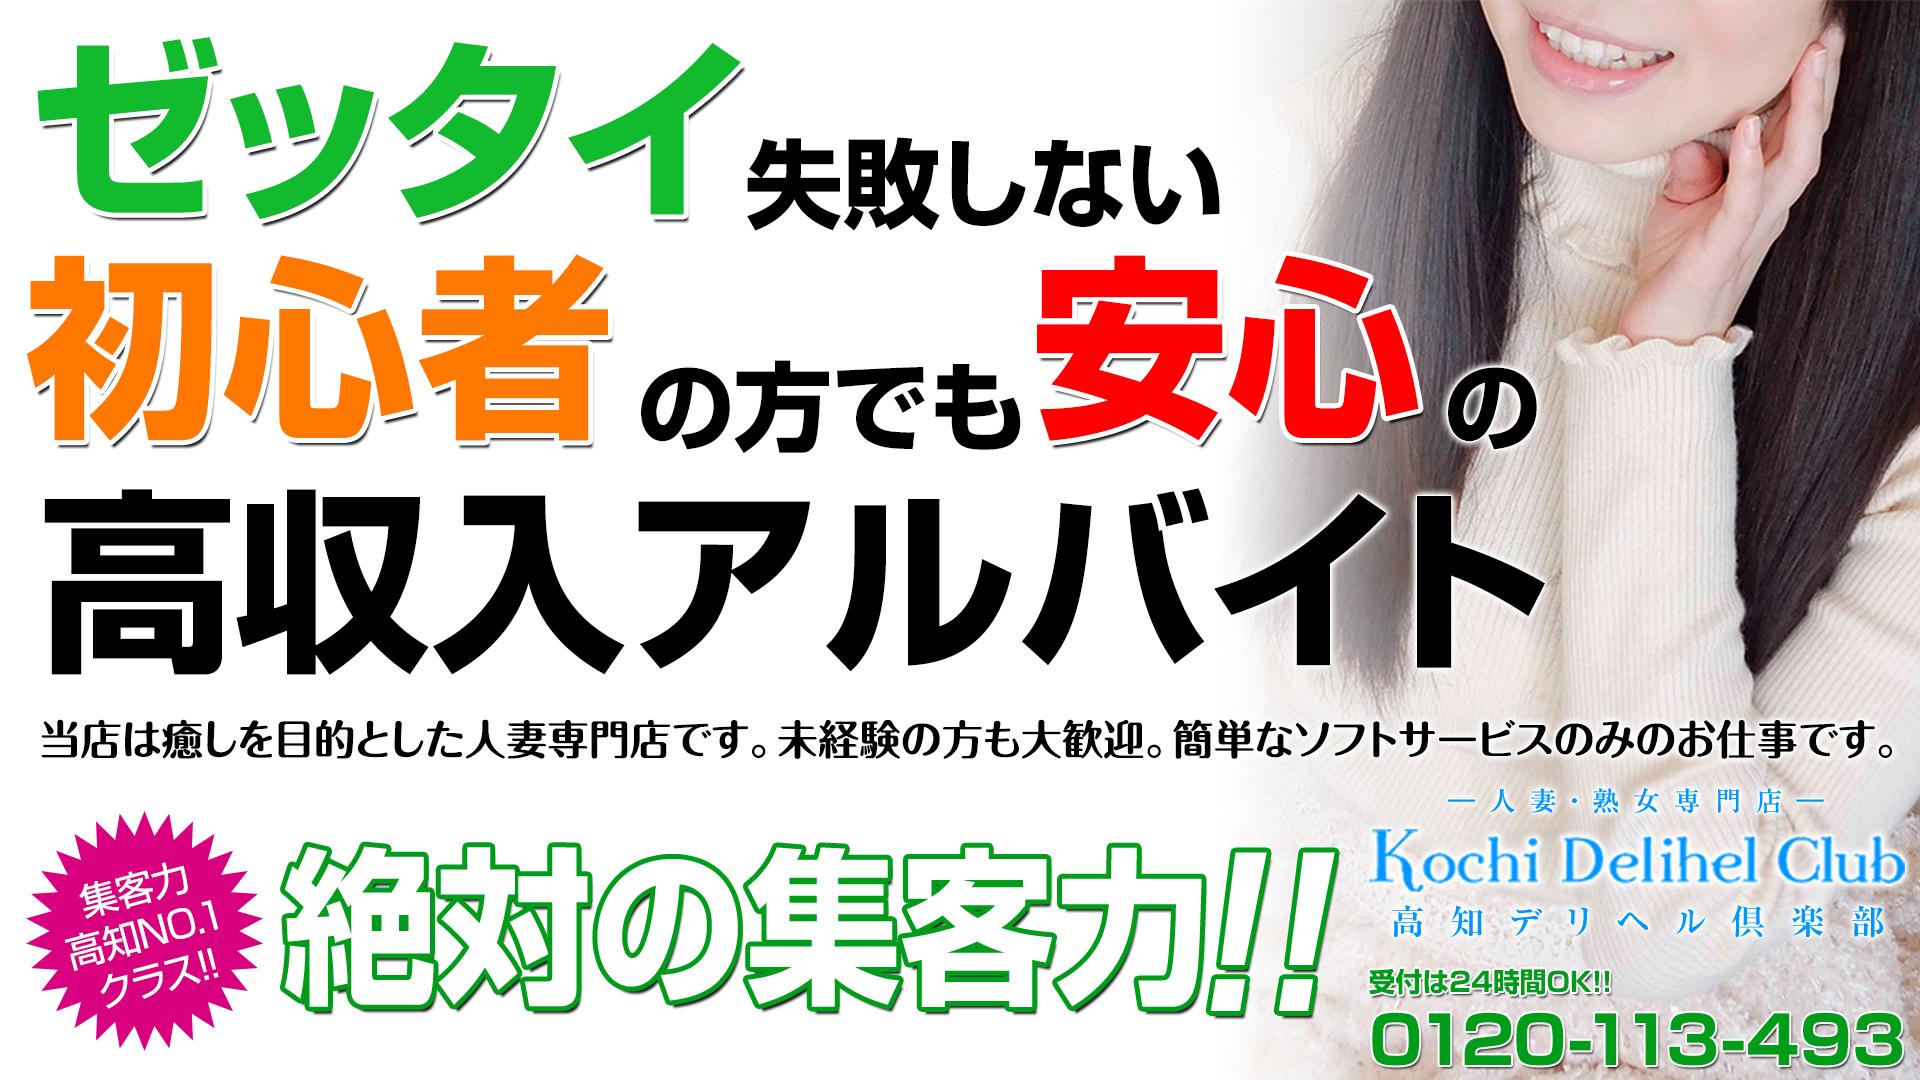 高知デリヘル倶楽部-人妻・熟女専門店-